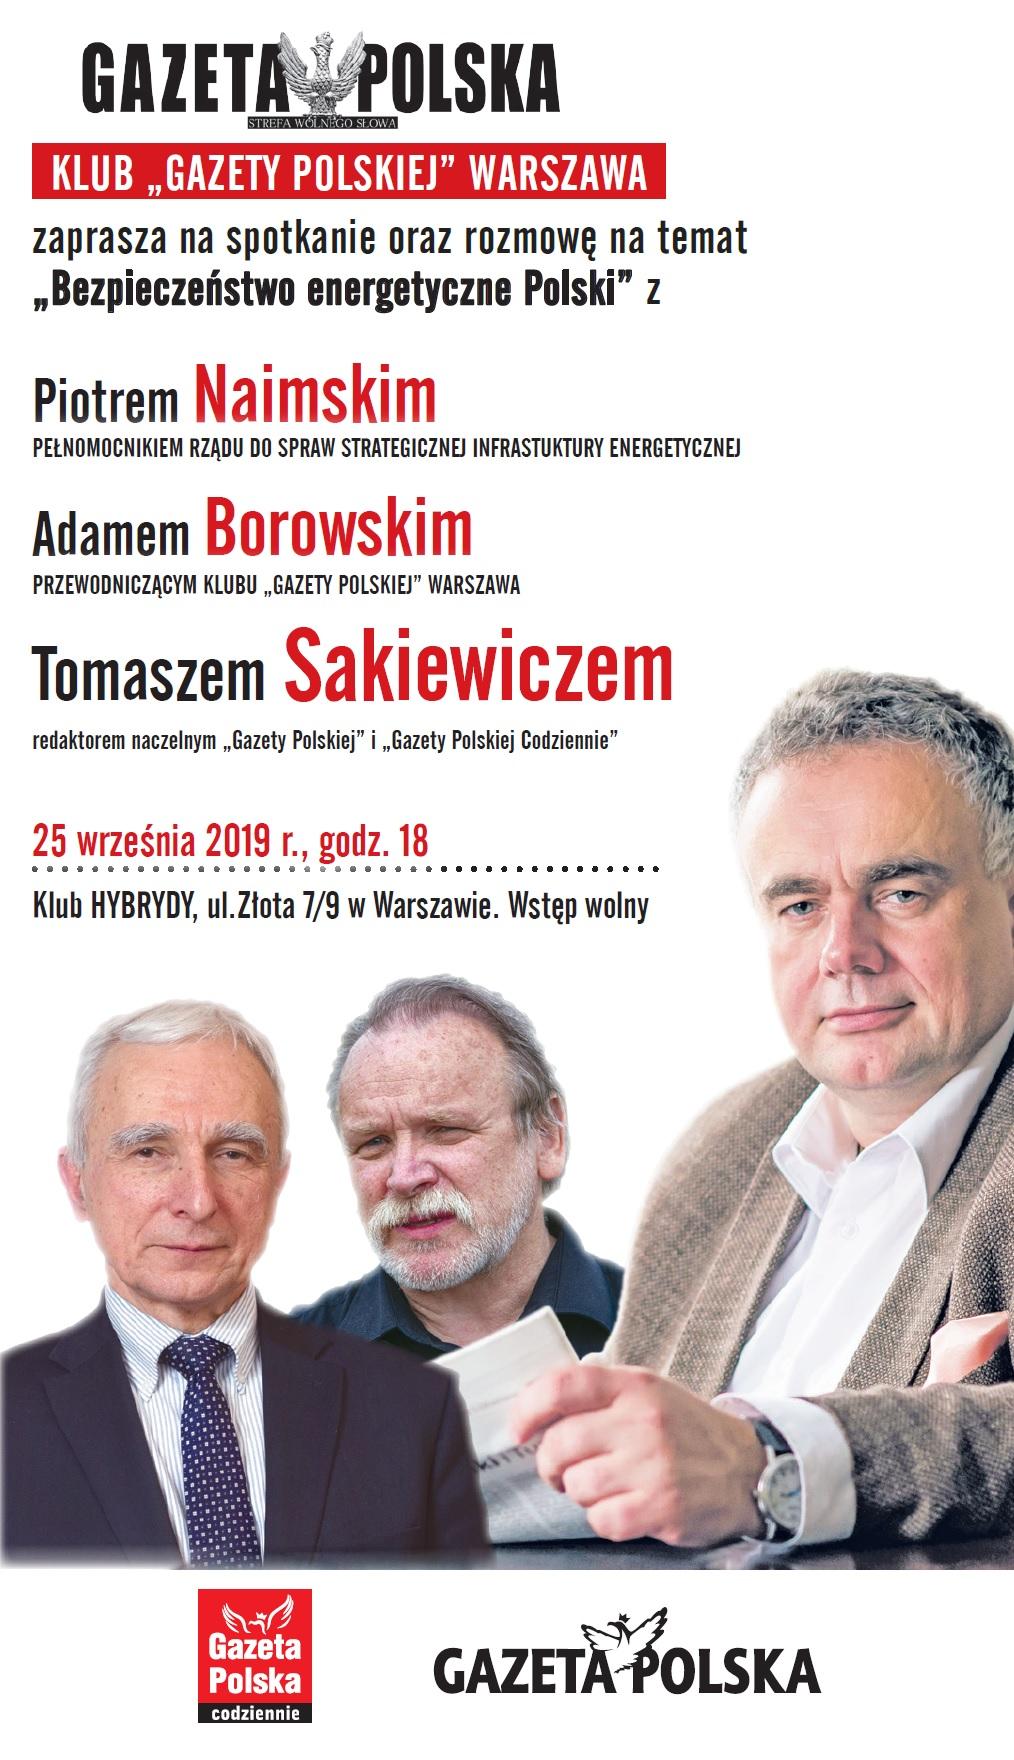 Warszawa Naimski2019